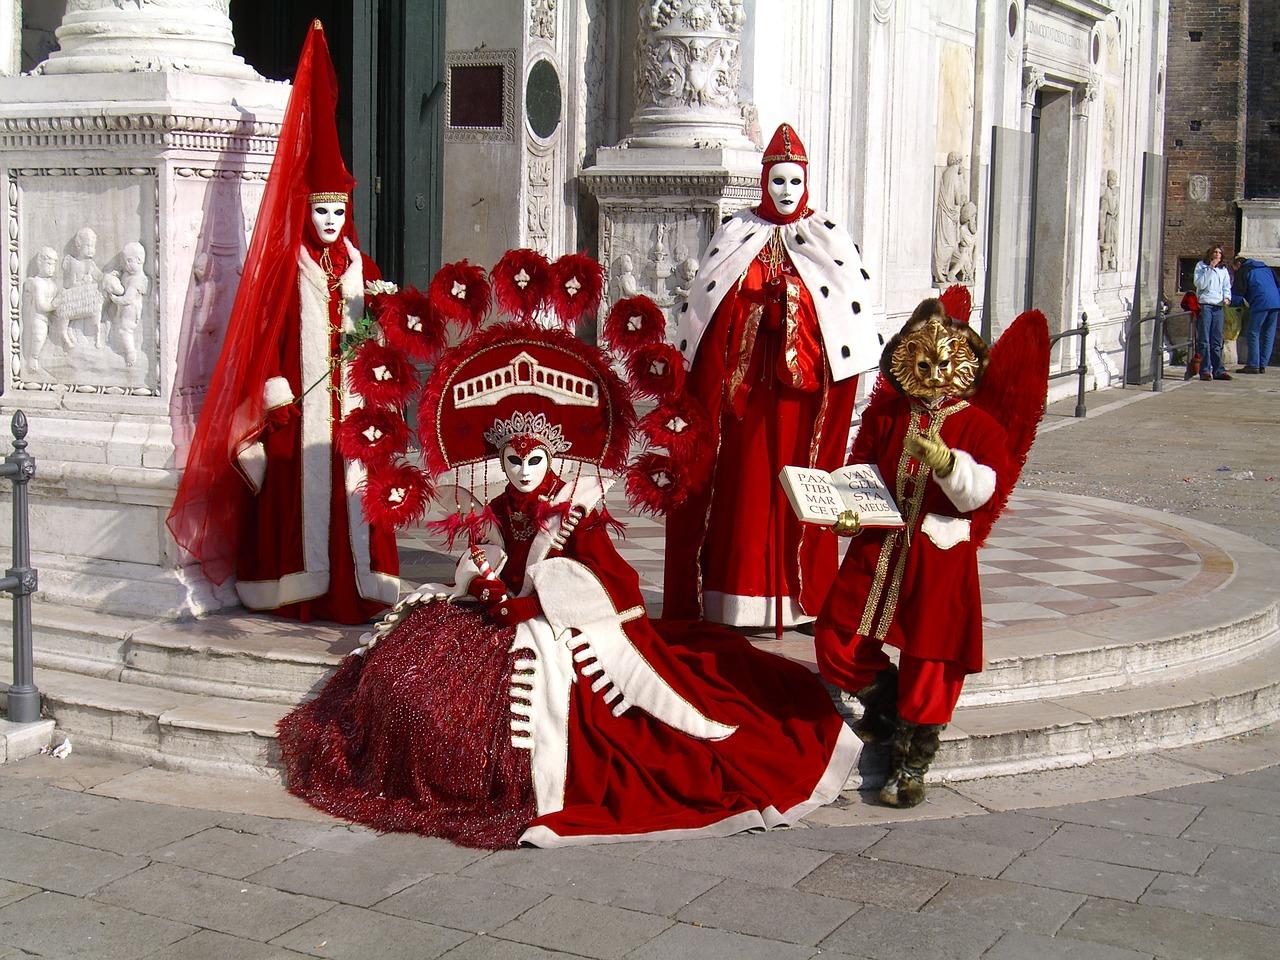 foto amore gioco follia programma carnevale 2020 www.carnevale.venezia.it venezia centro storico terraferma calendario agenda eventi carnevale di venezia.jpg